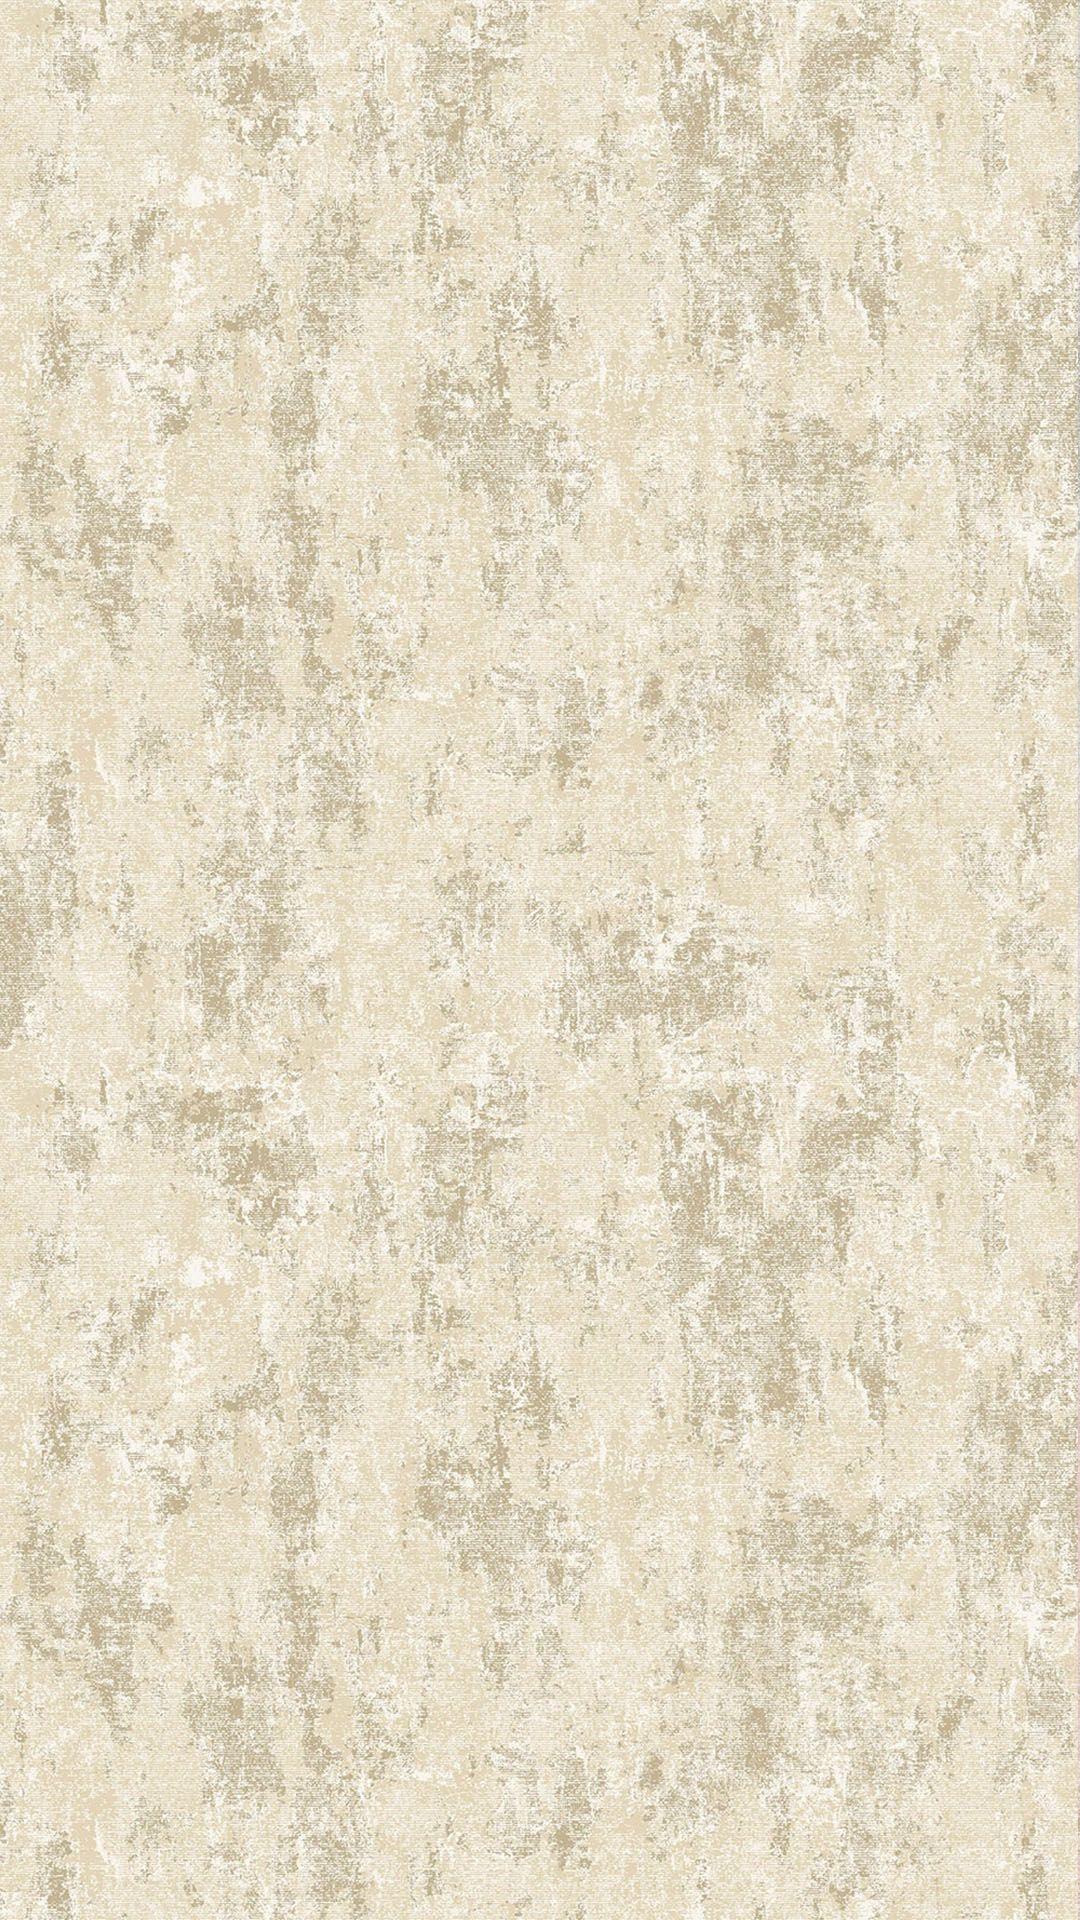 Milan Metallic Wallpaper Neutral Gold